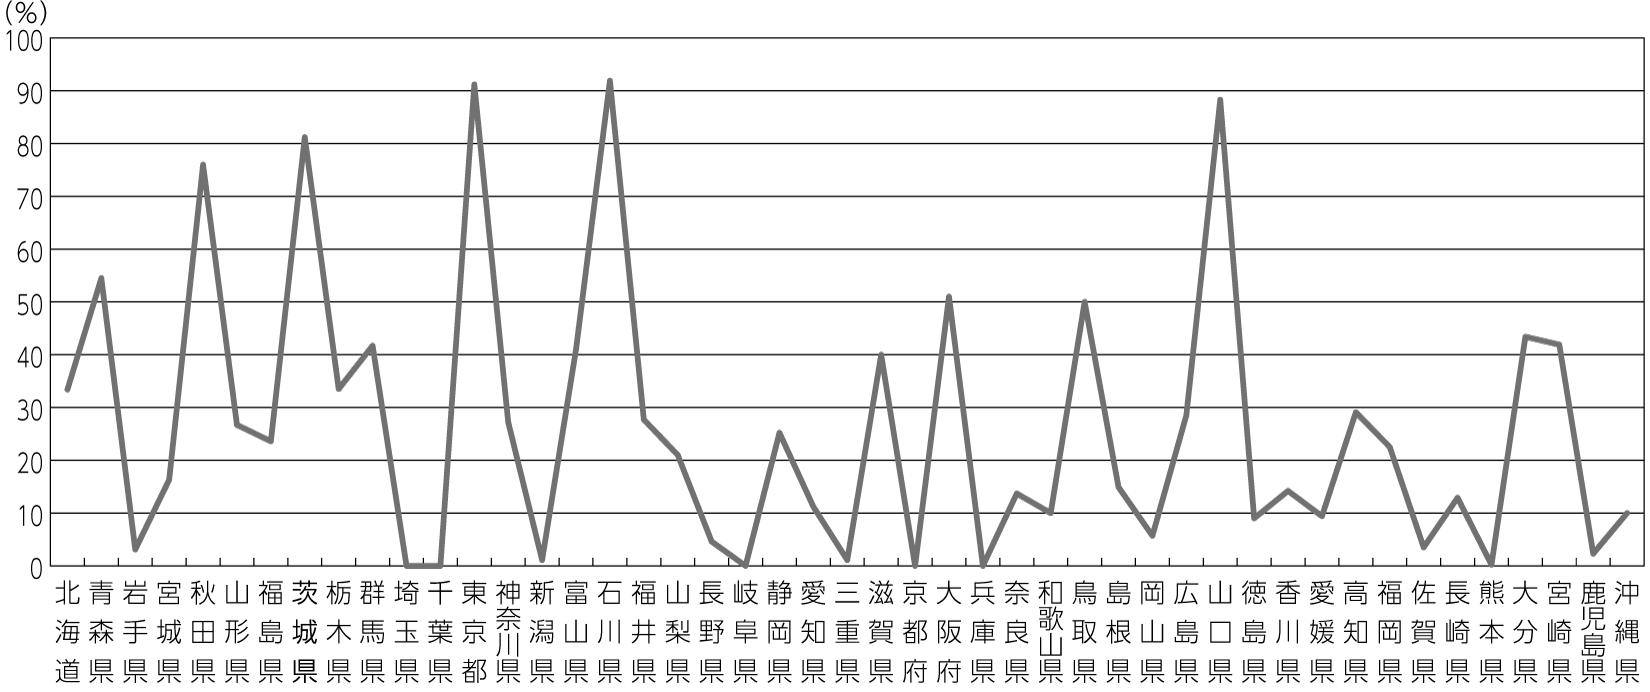 図2 都道府県別財政調整基金残高減少率